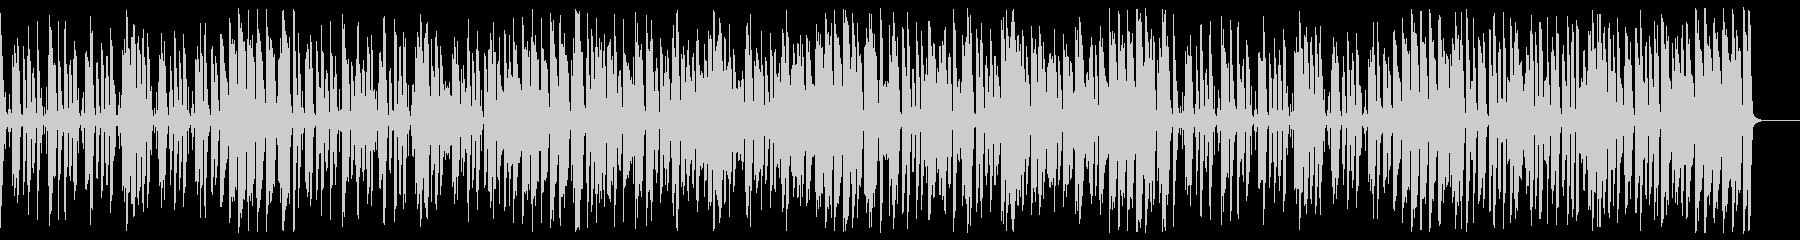 ウキウキハッピーなジャズコーラスBGMの未再生の波形